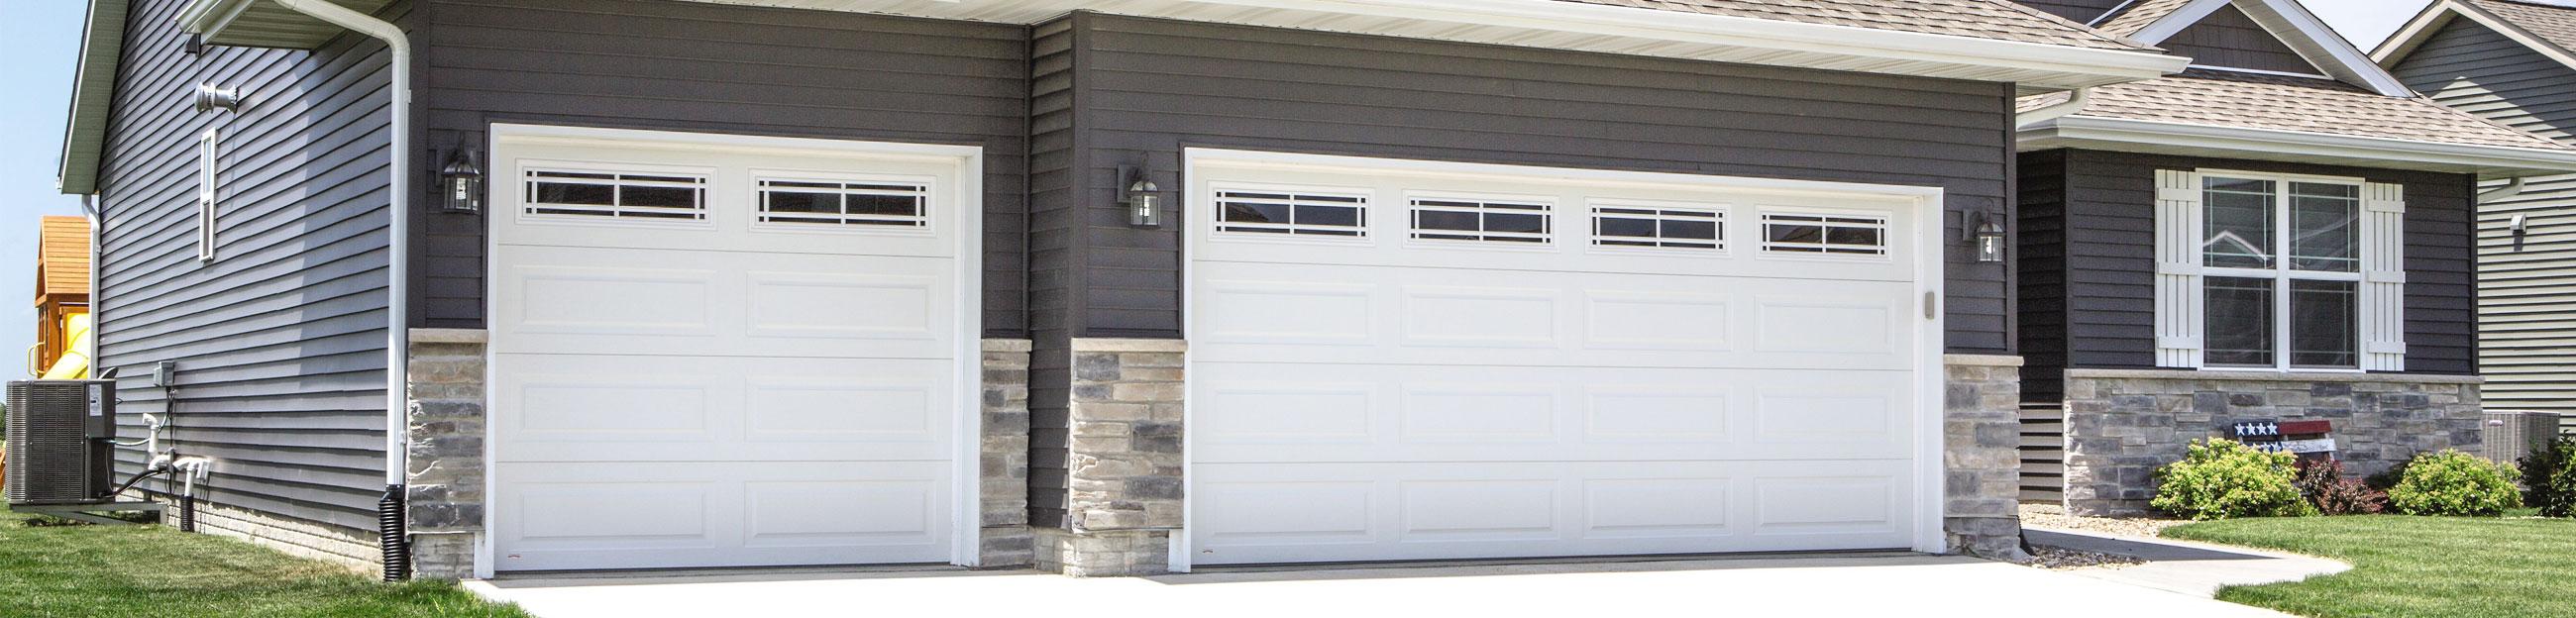 ... Residential Garage Doors Overhead Door Company Of Fargo ...